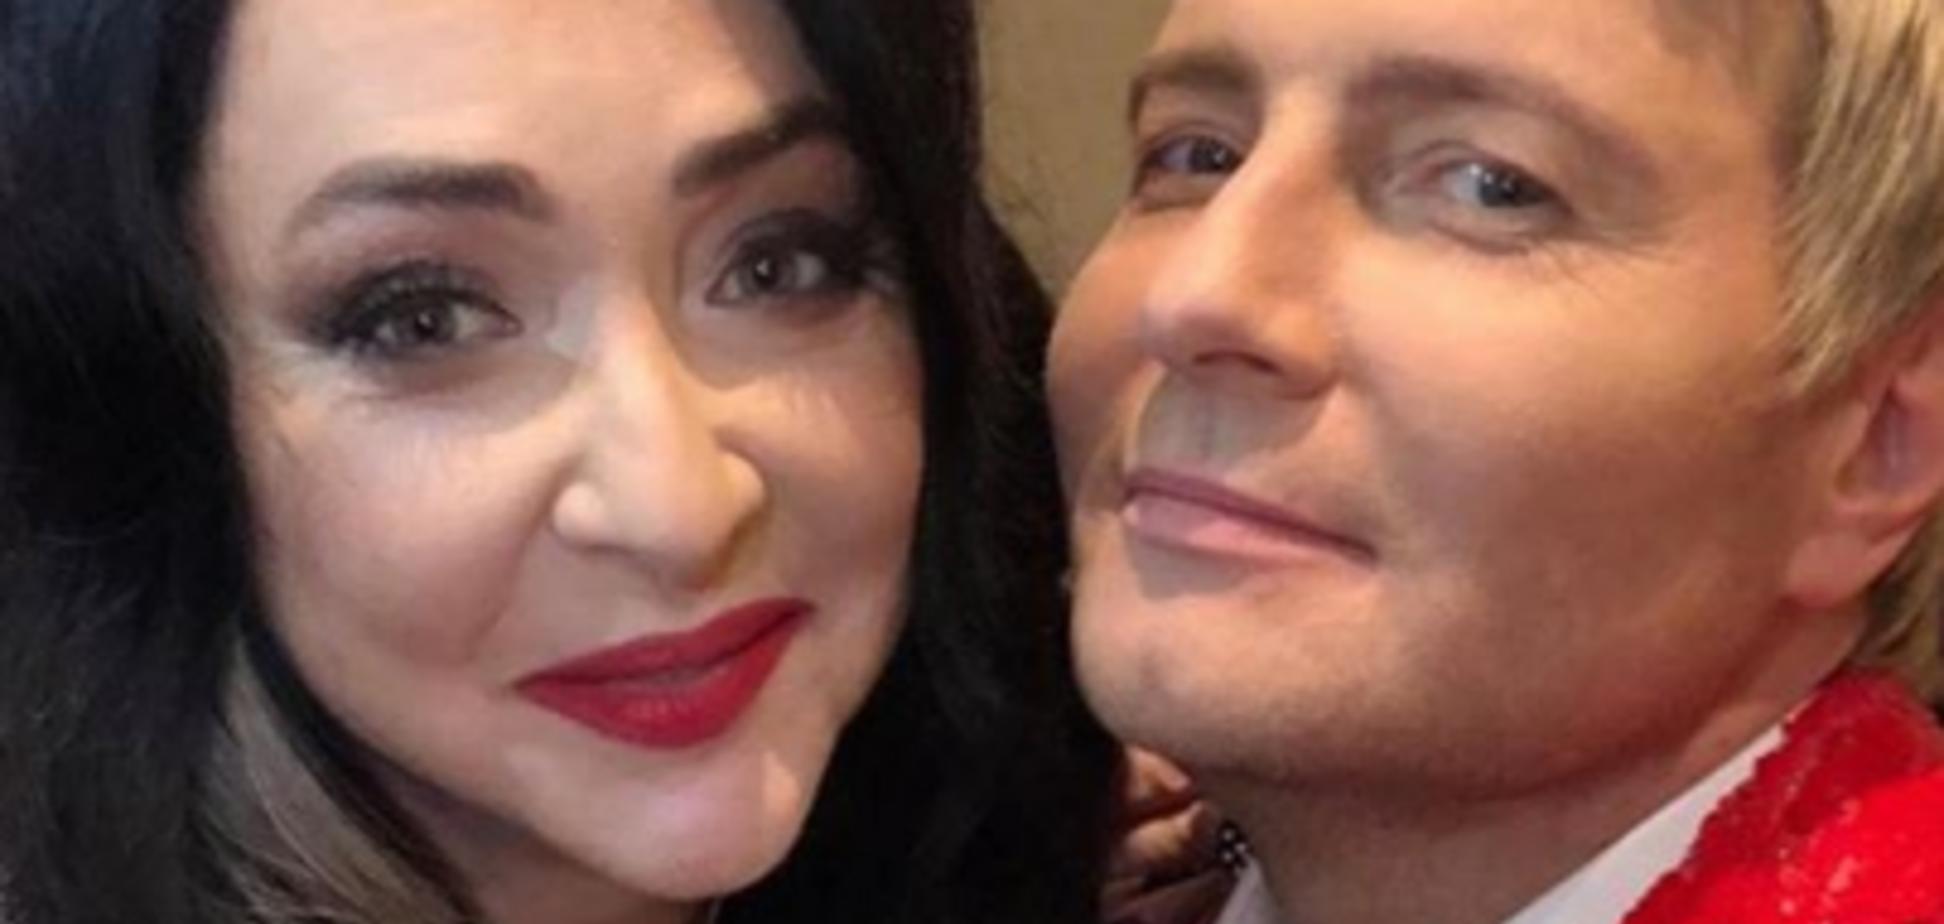 'Мы давно женаты': Лолита шокировала поцелуем с Басковым